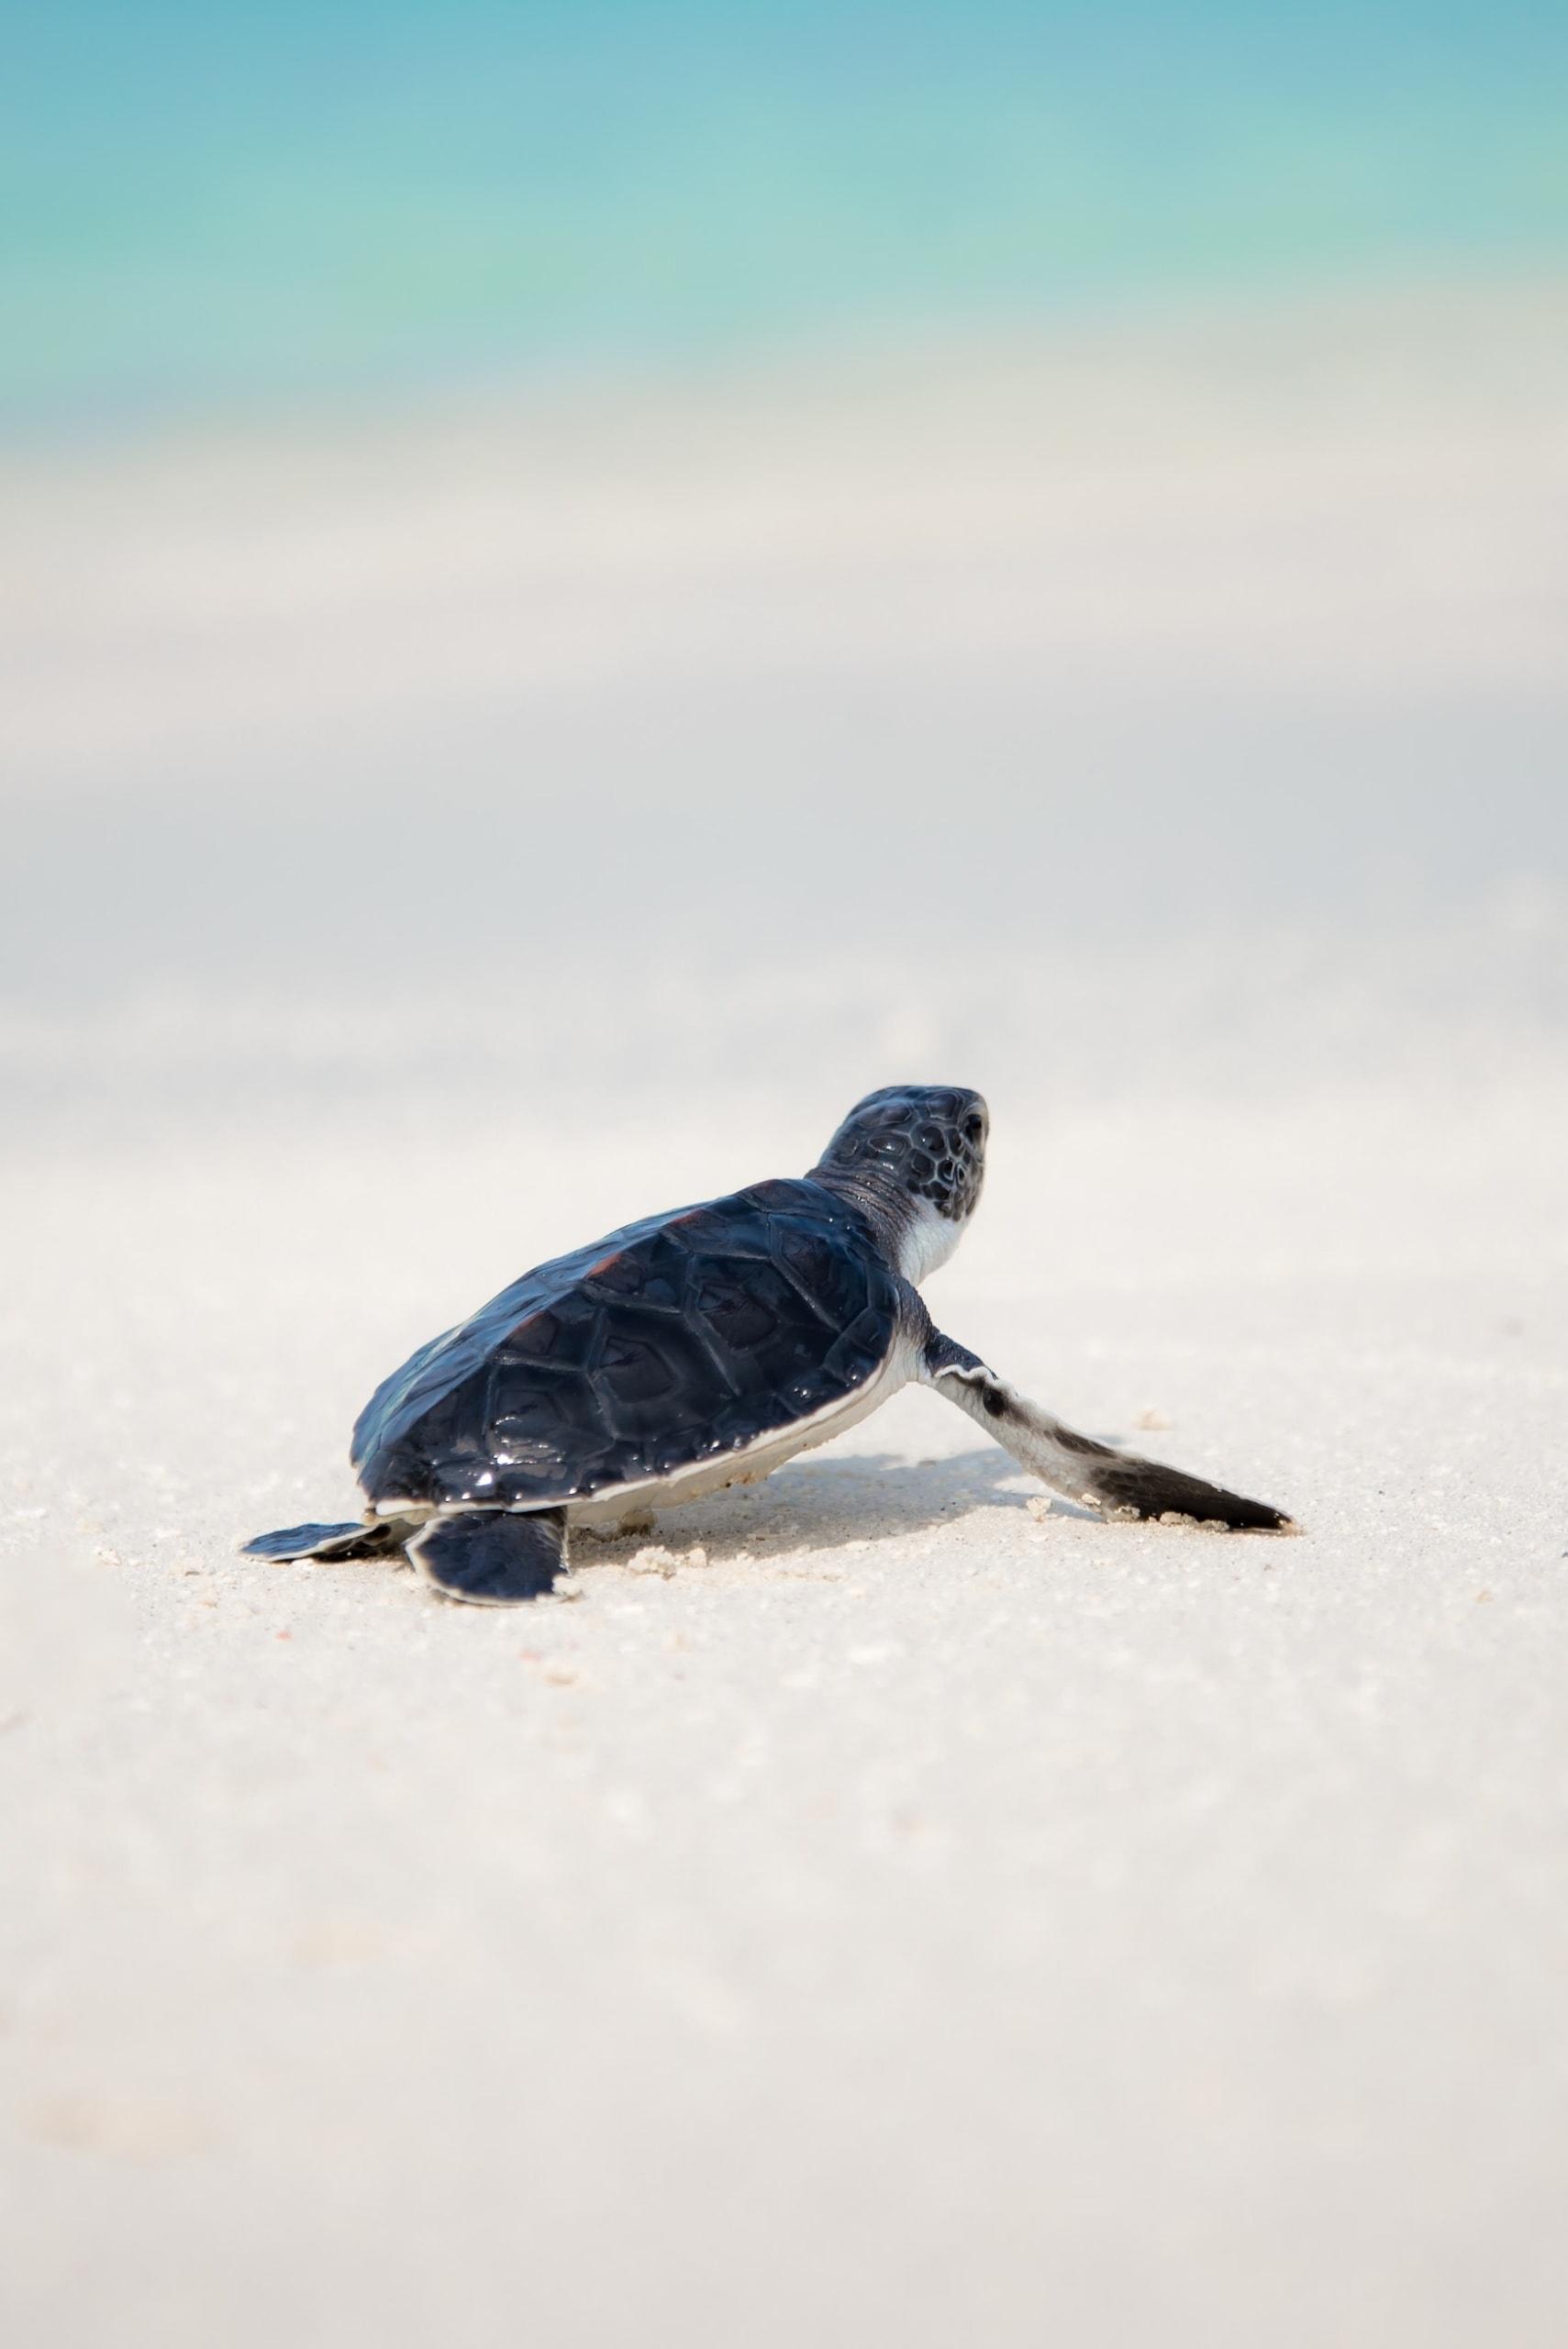 Babyschidkröte tapst auf weißem Sandstrand